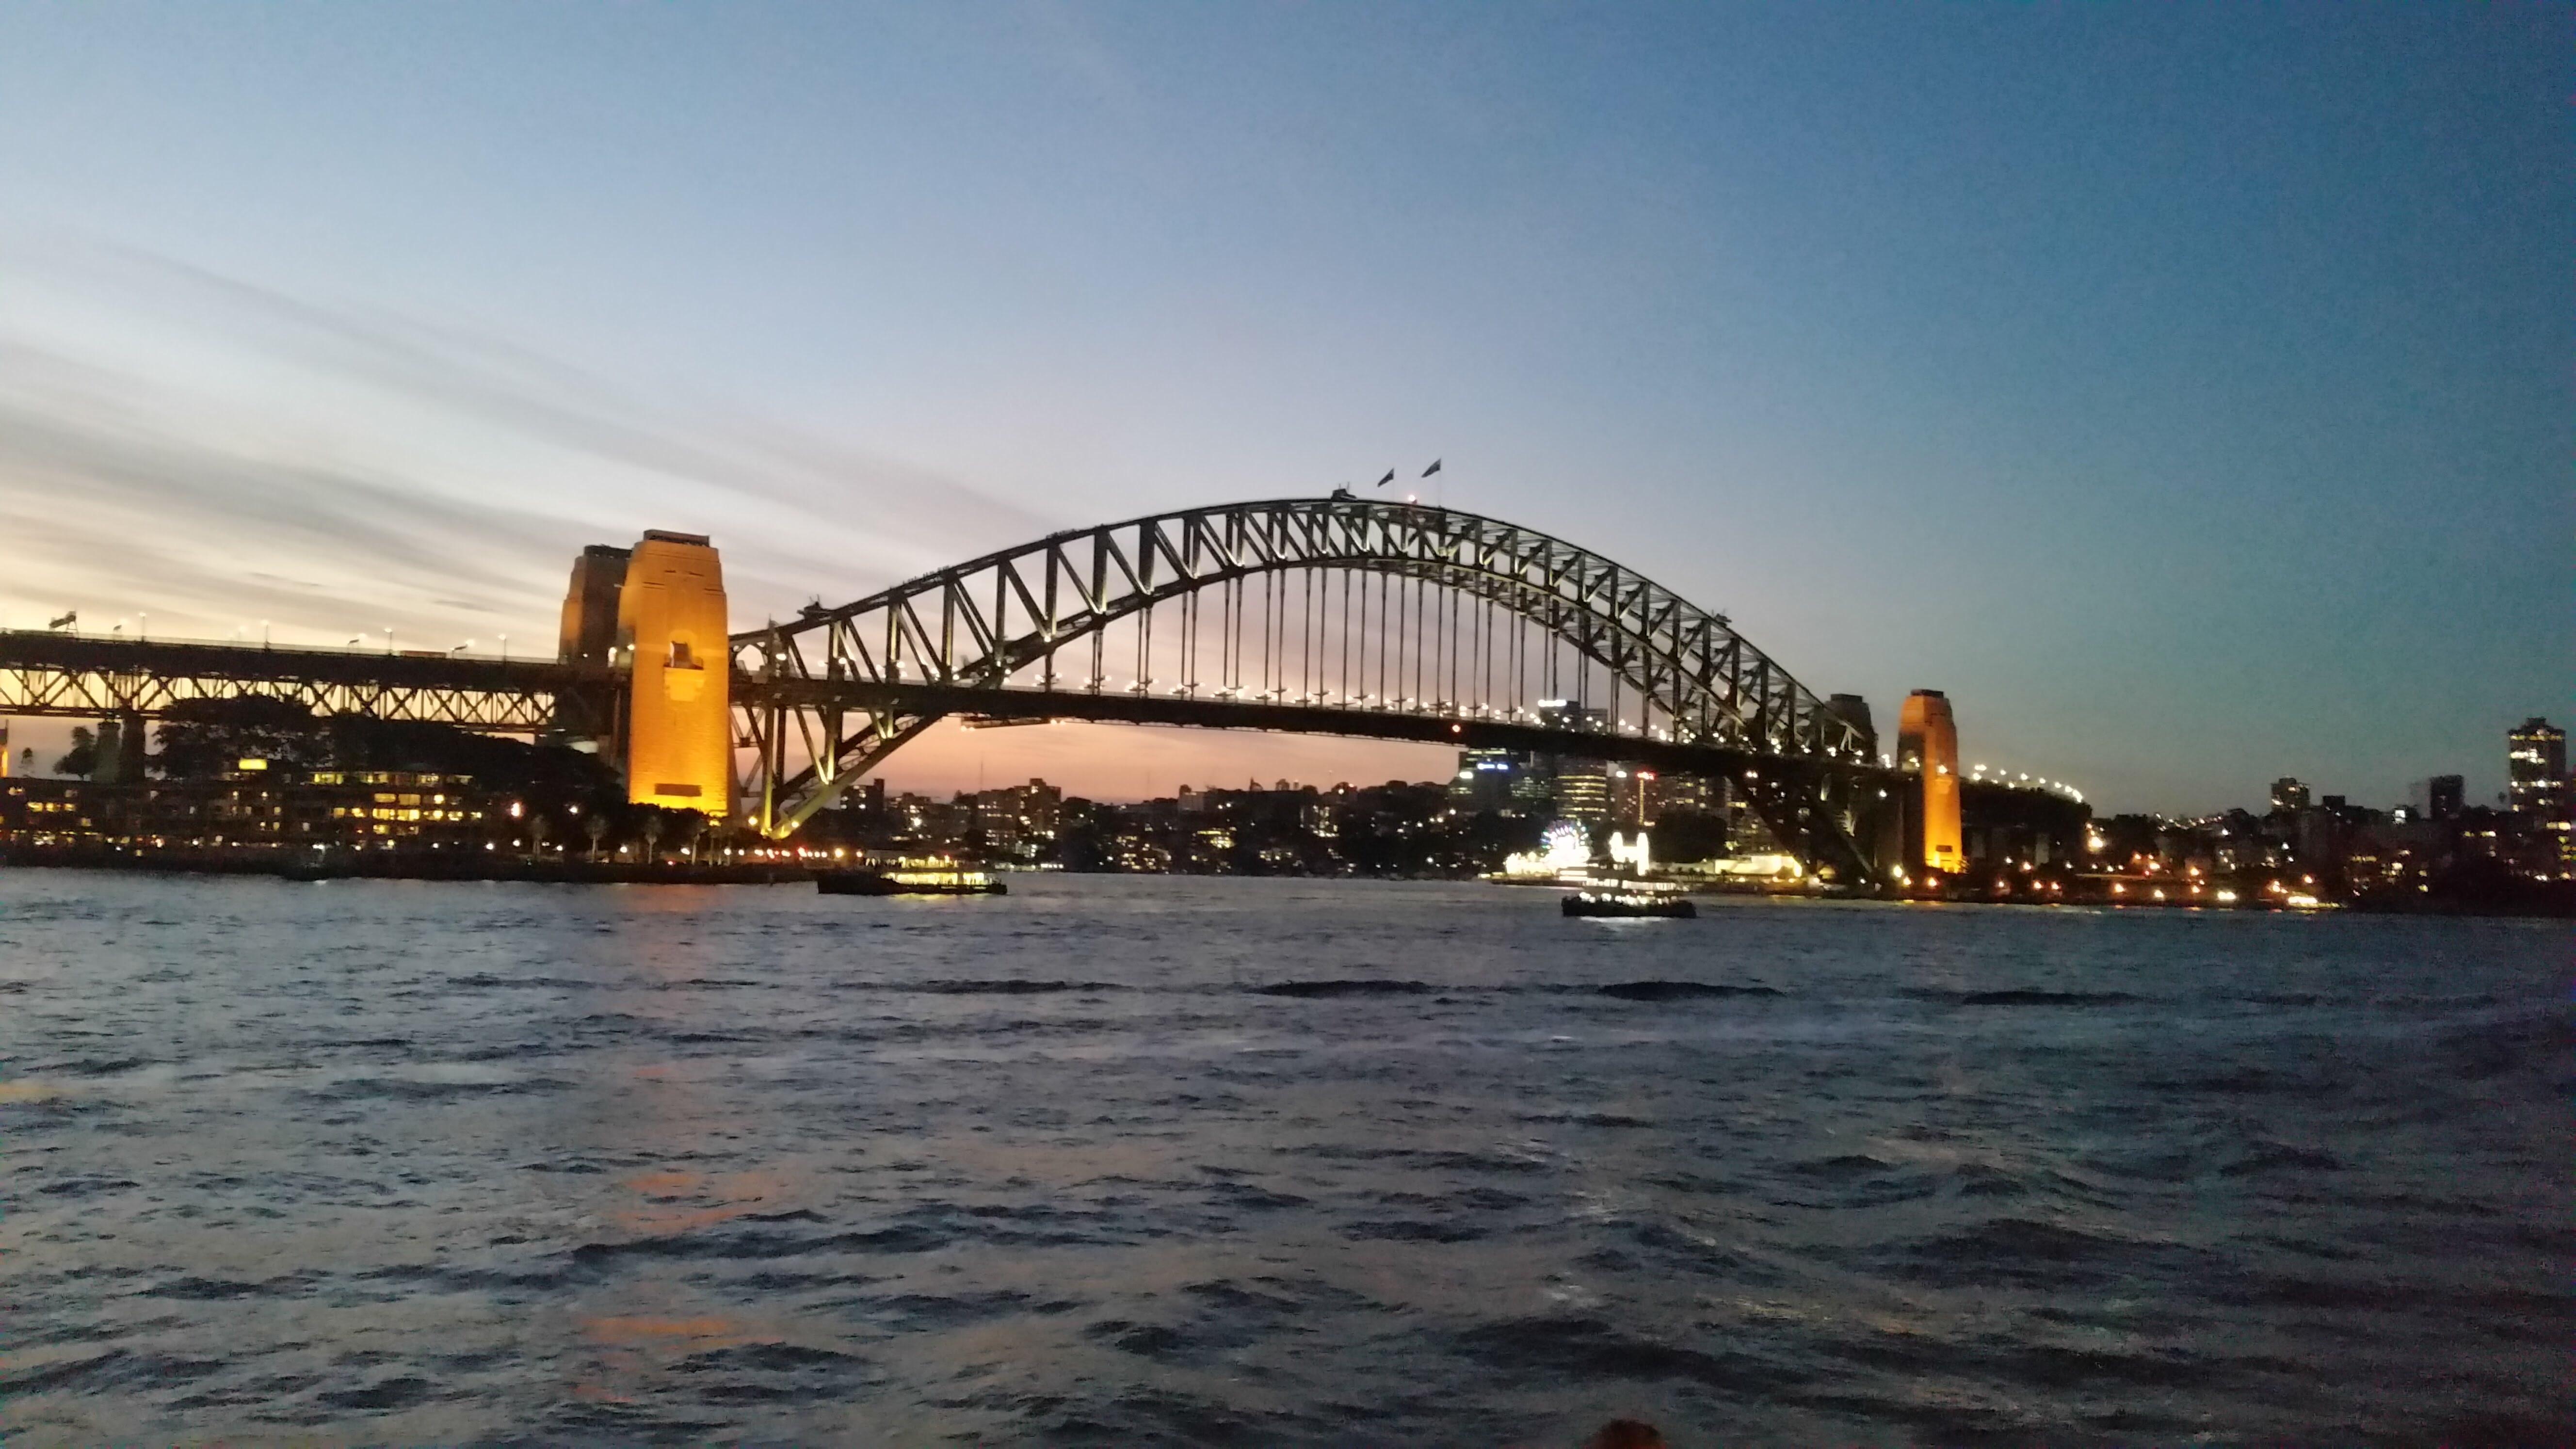 シドニーハーバーブリッジの楽しみ方3つ 徹底解説!